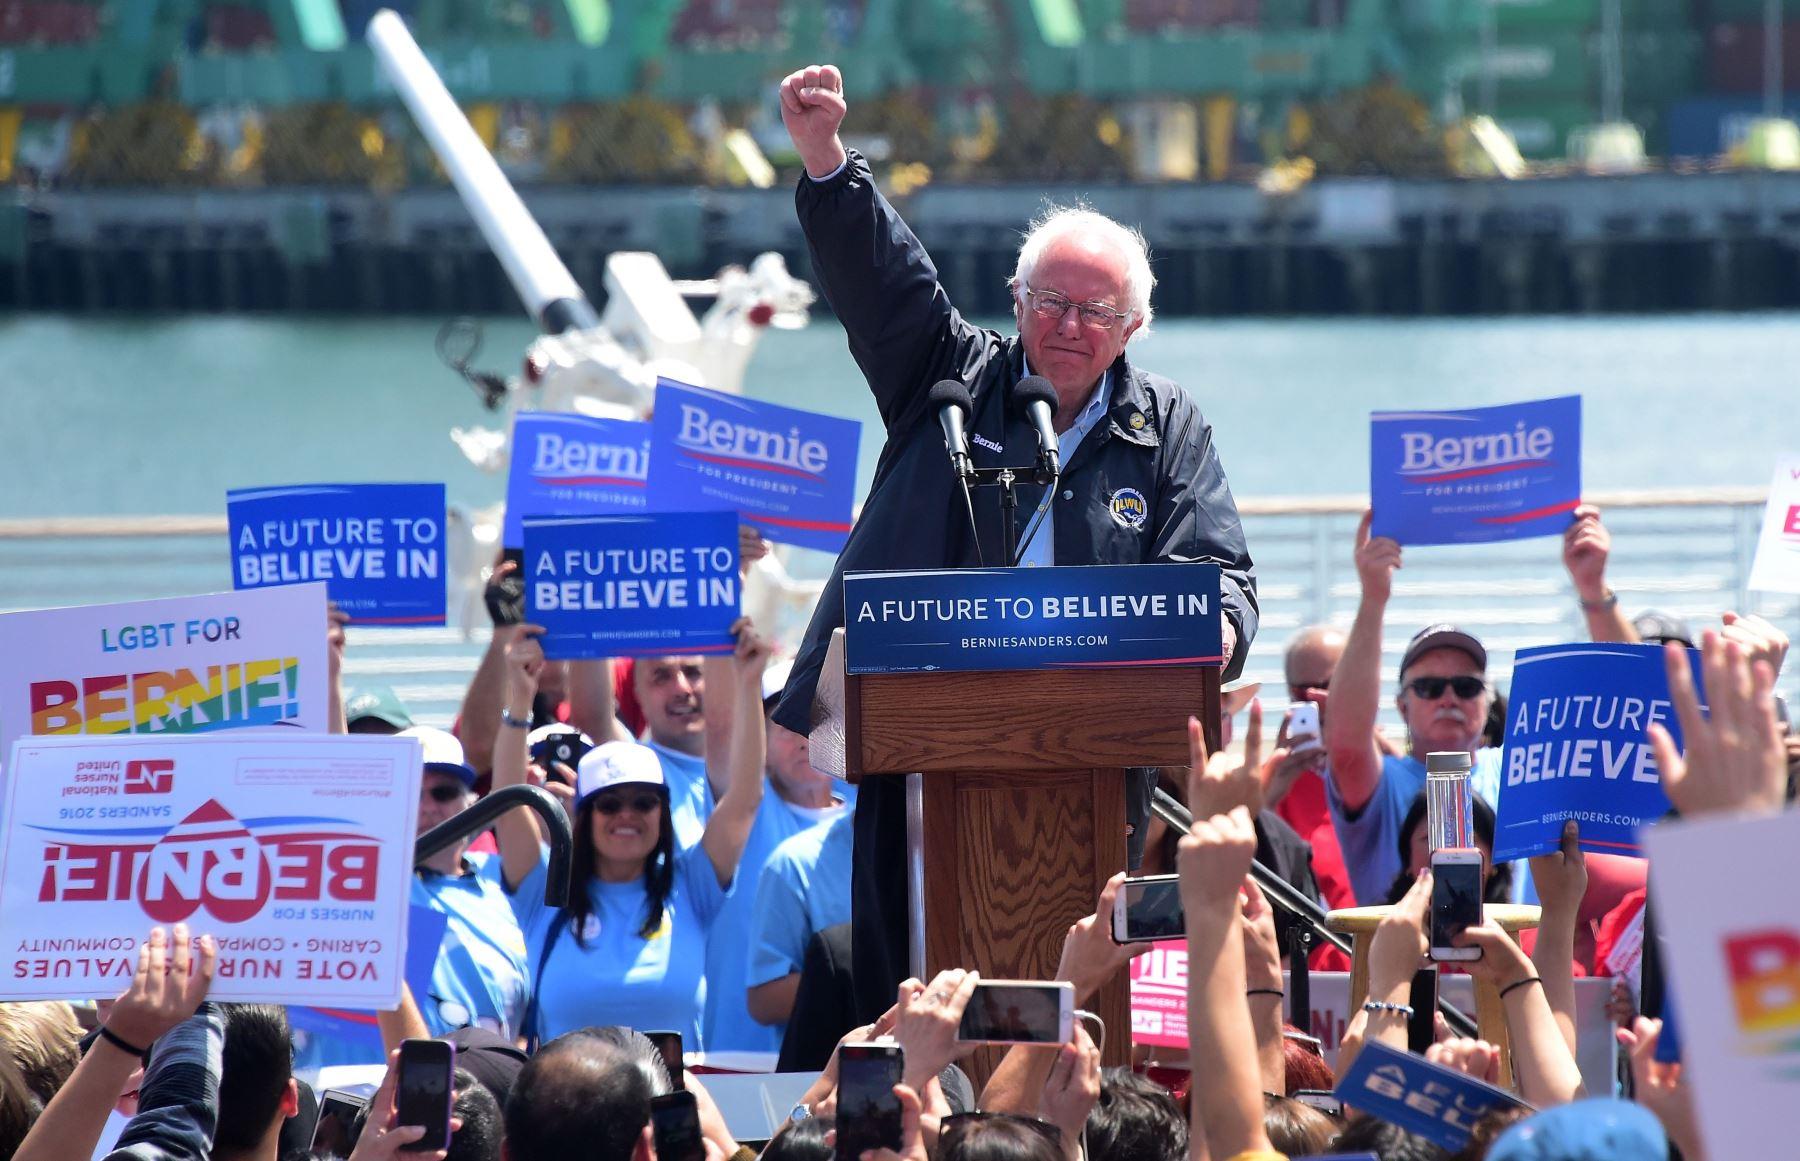 Foto de archivo tomada el 27 de mayo de 2016 muestra al candidato del Partido Demócrata Bernie Sanders hablando en el distrito portuario de San Pedro de Los Ángeles, California. Foto: AFP